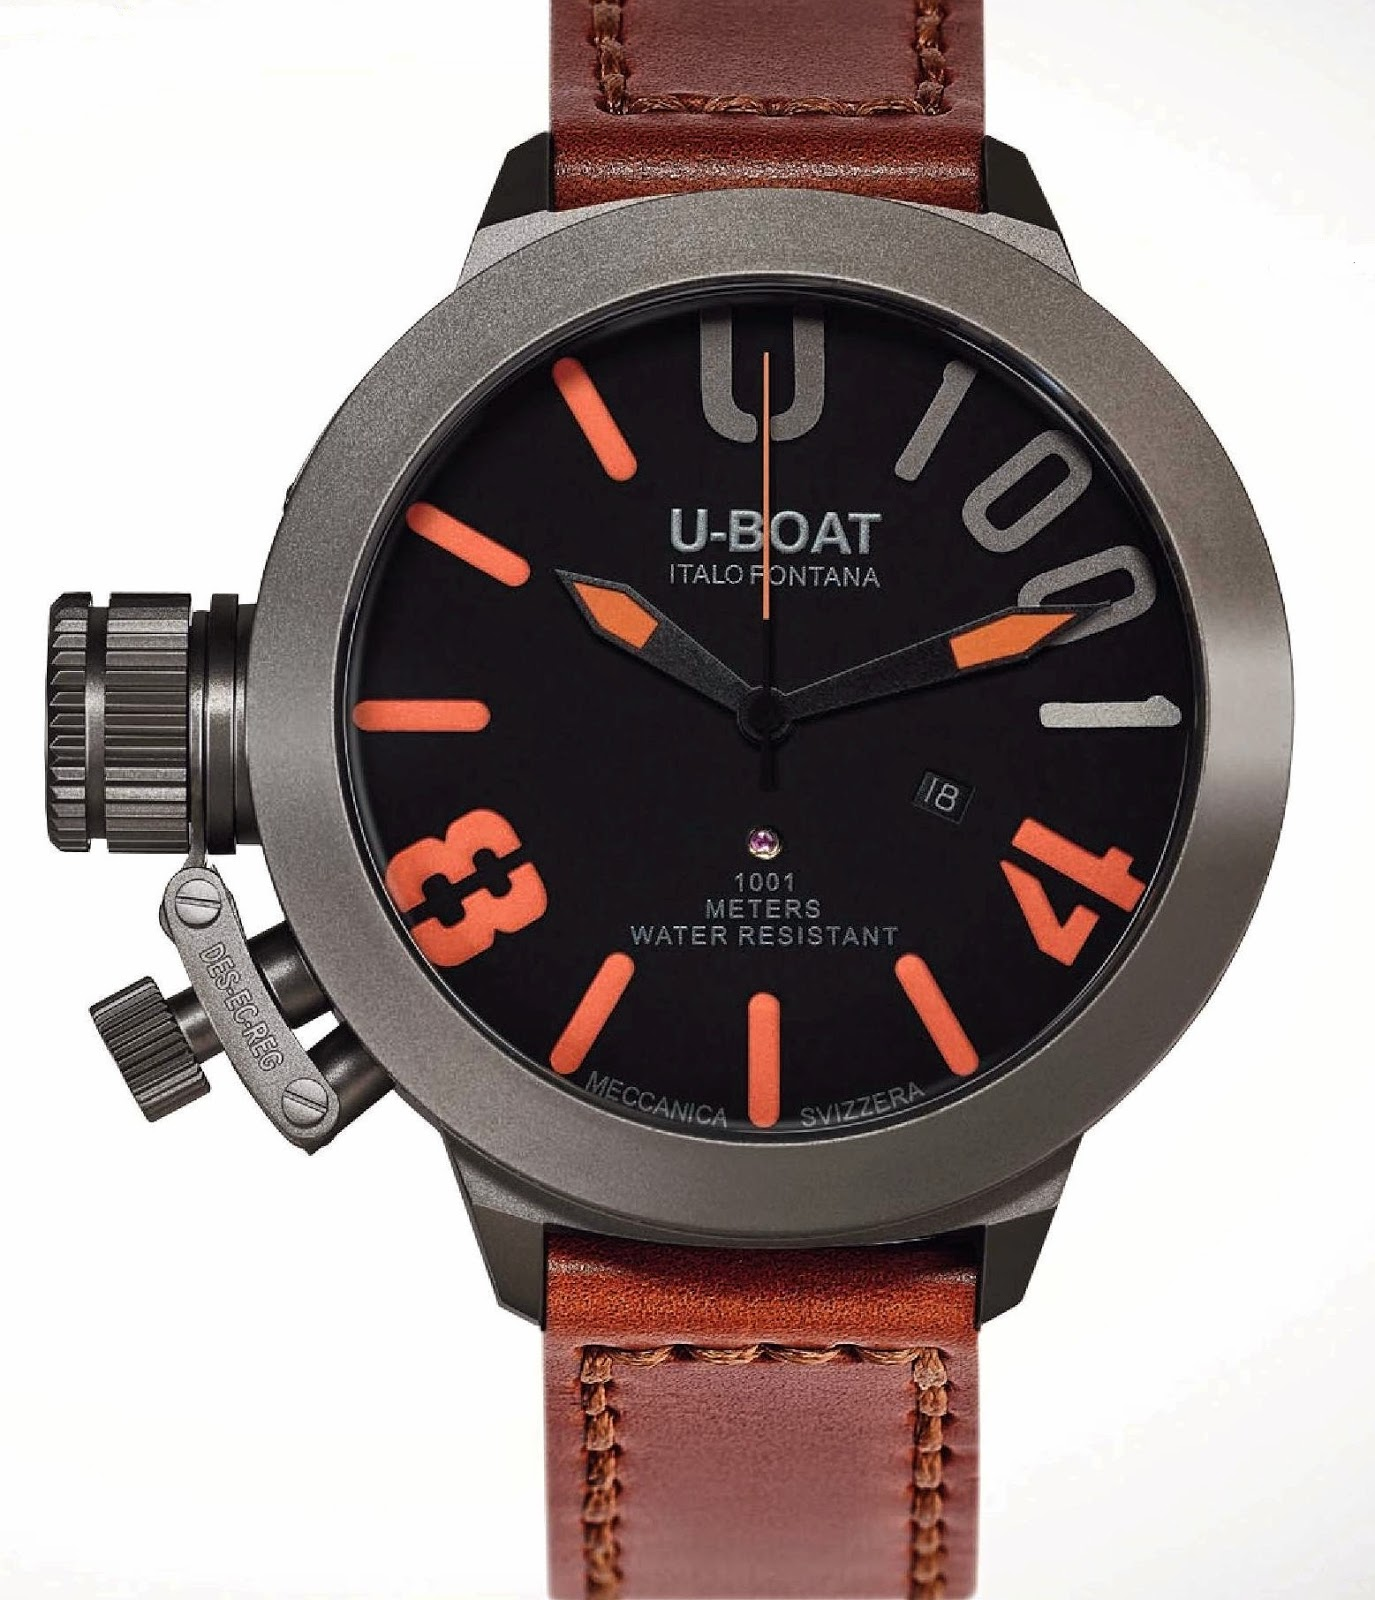 U-boat Classic 55